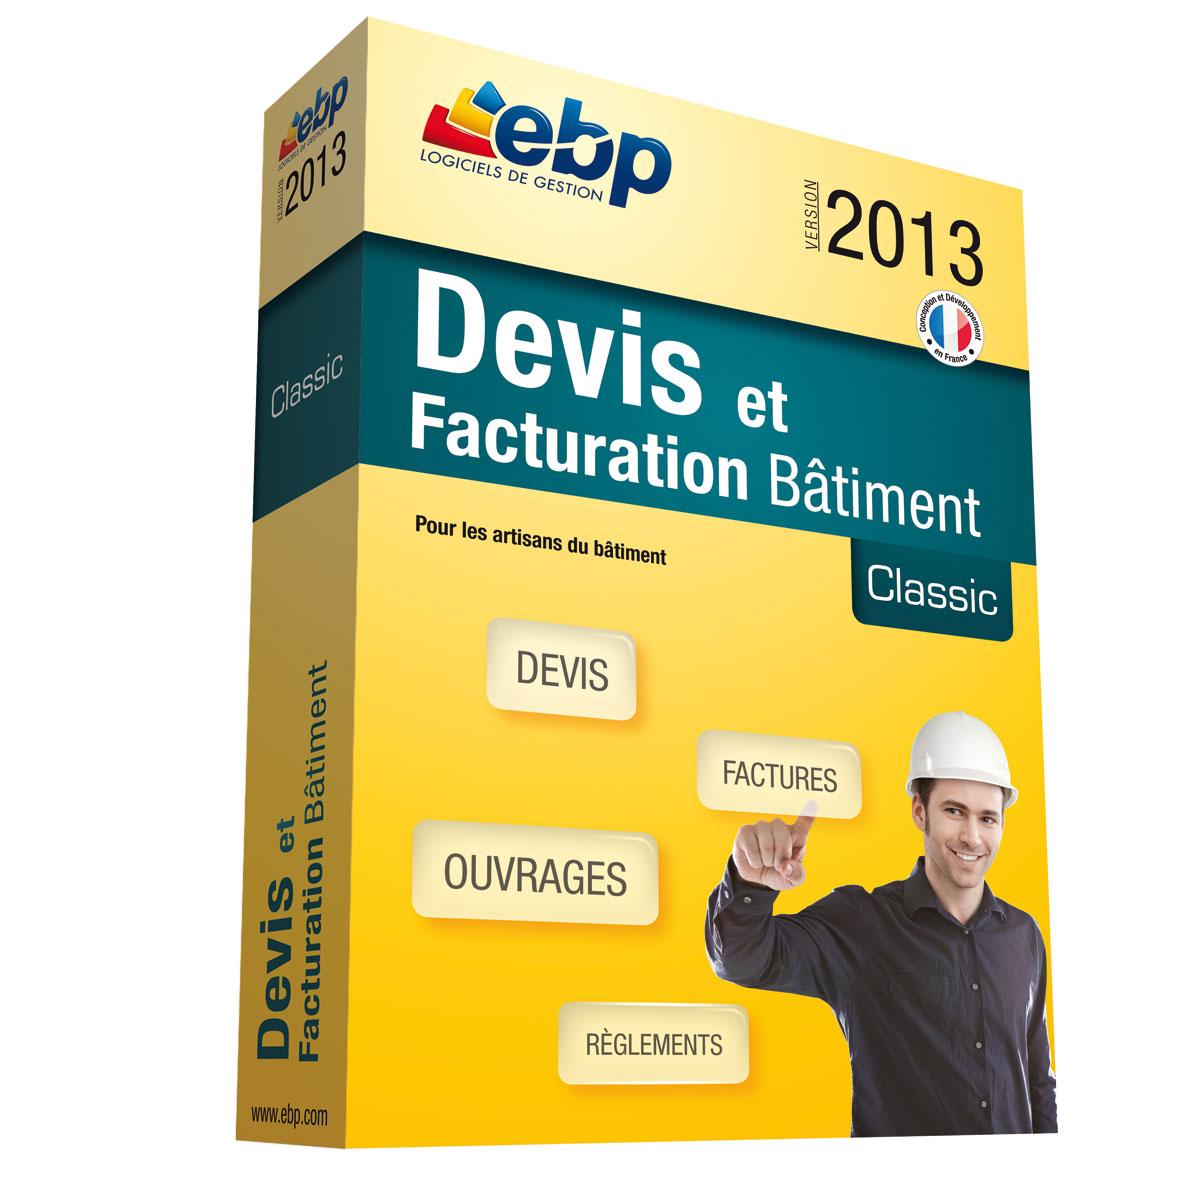 ebp devis et facturation btiment classic 2013